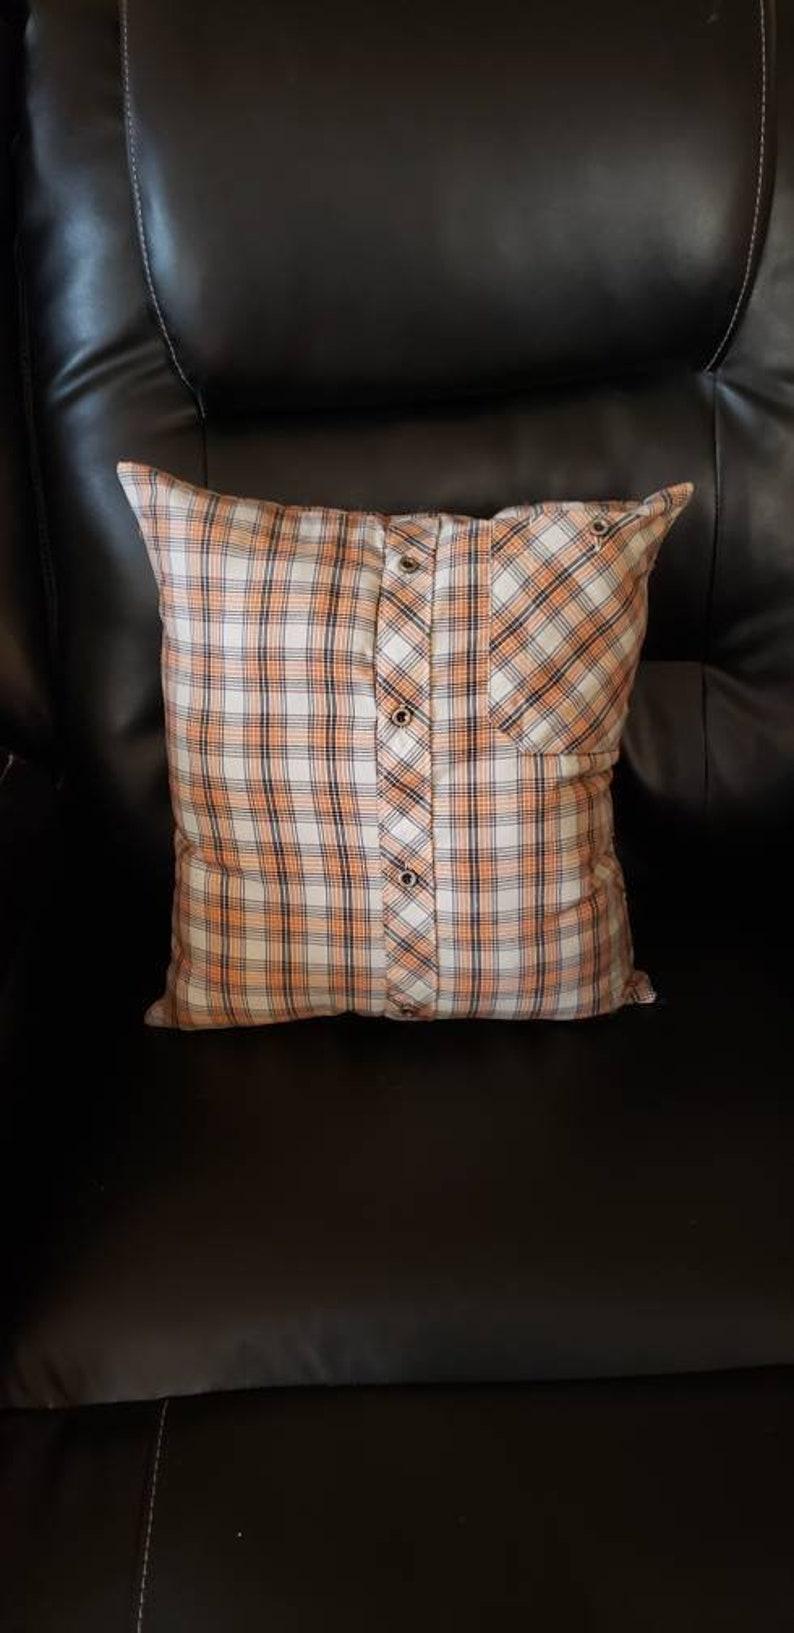 T shirt Pillow Custom Pillow Keepsake Pillow T shirt Memory Pillow Memory pillow